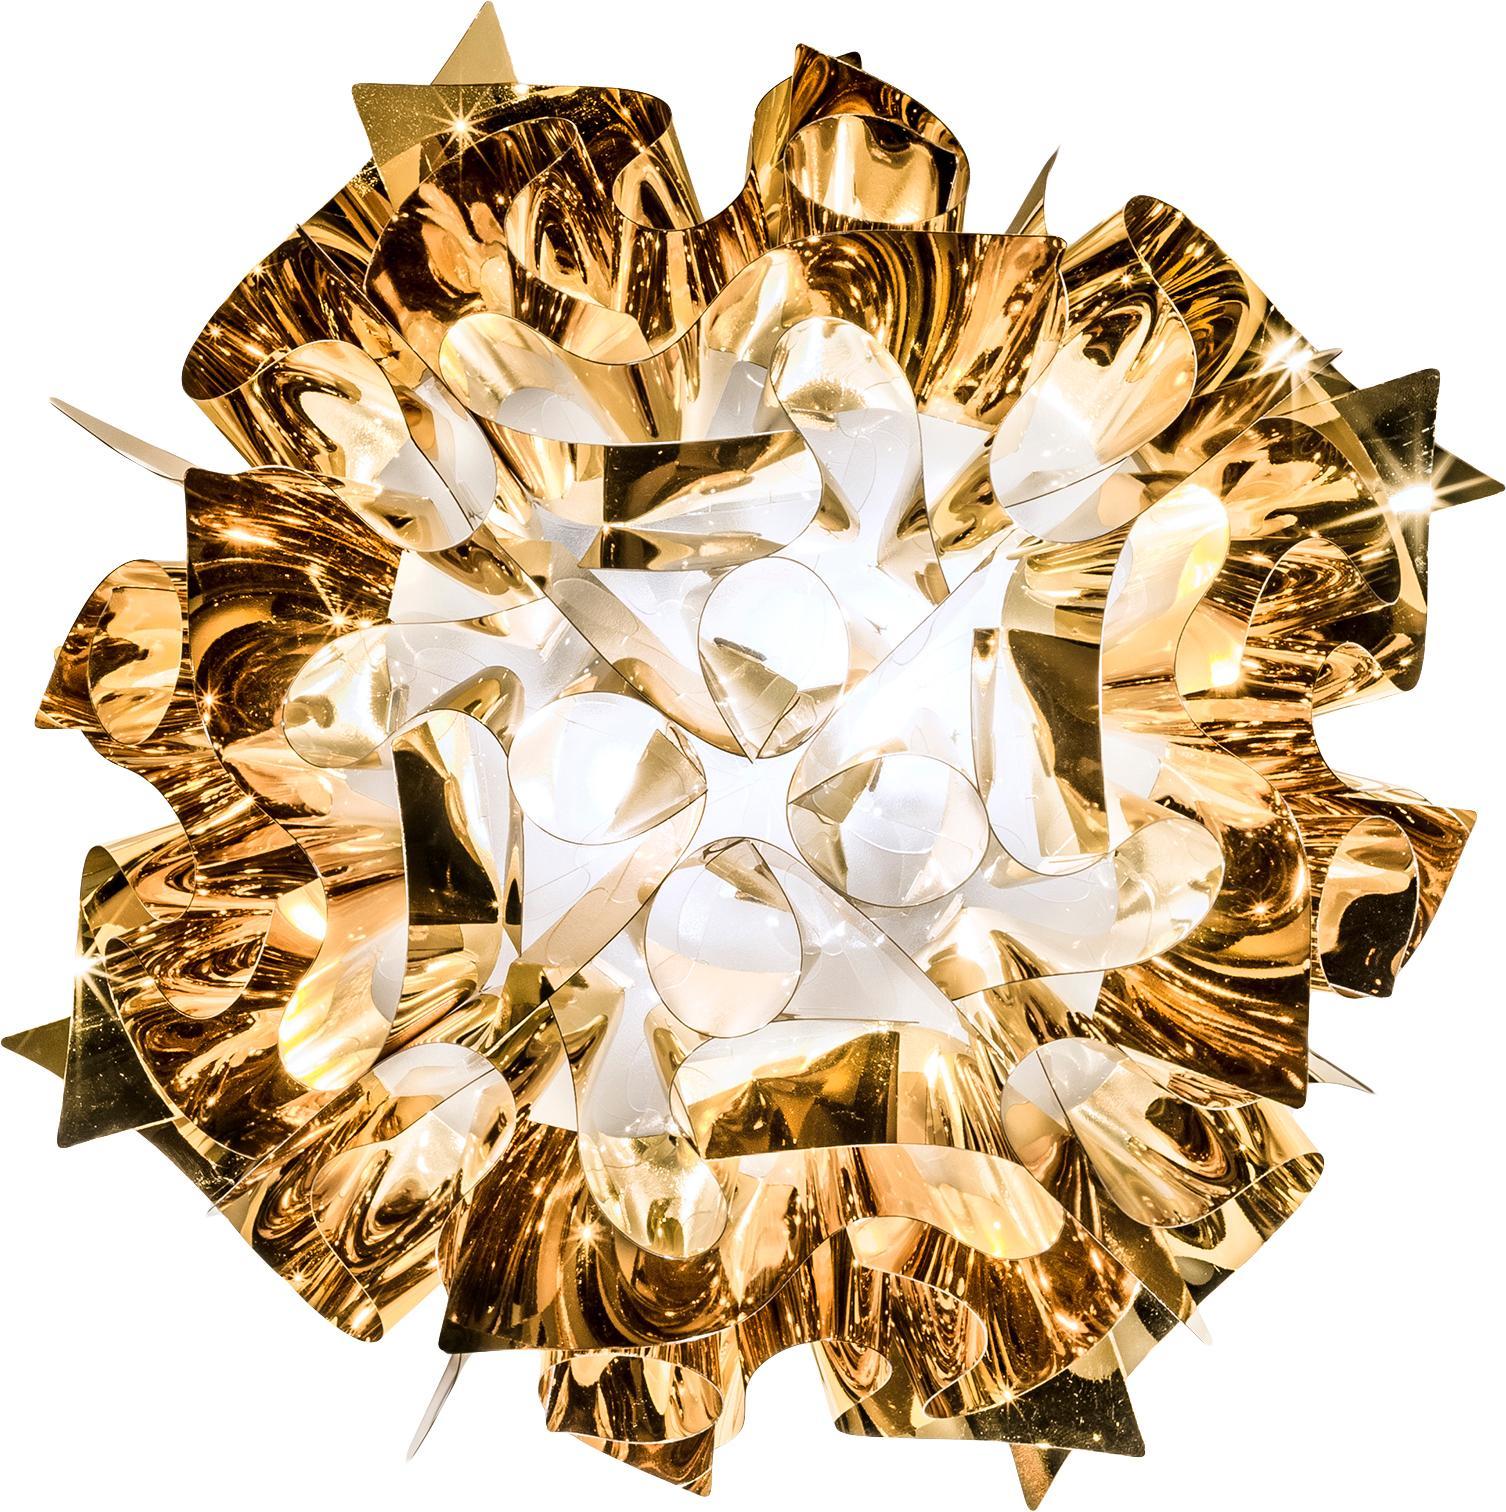 Handgefertigte Deckenleuchte Veli, Technoplymer Goldflex®, bruchfest, flexibel, stark glänzend, Goldfarben, Ø 53 x H 20 cm